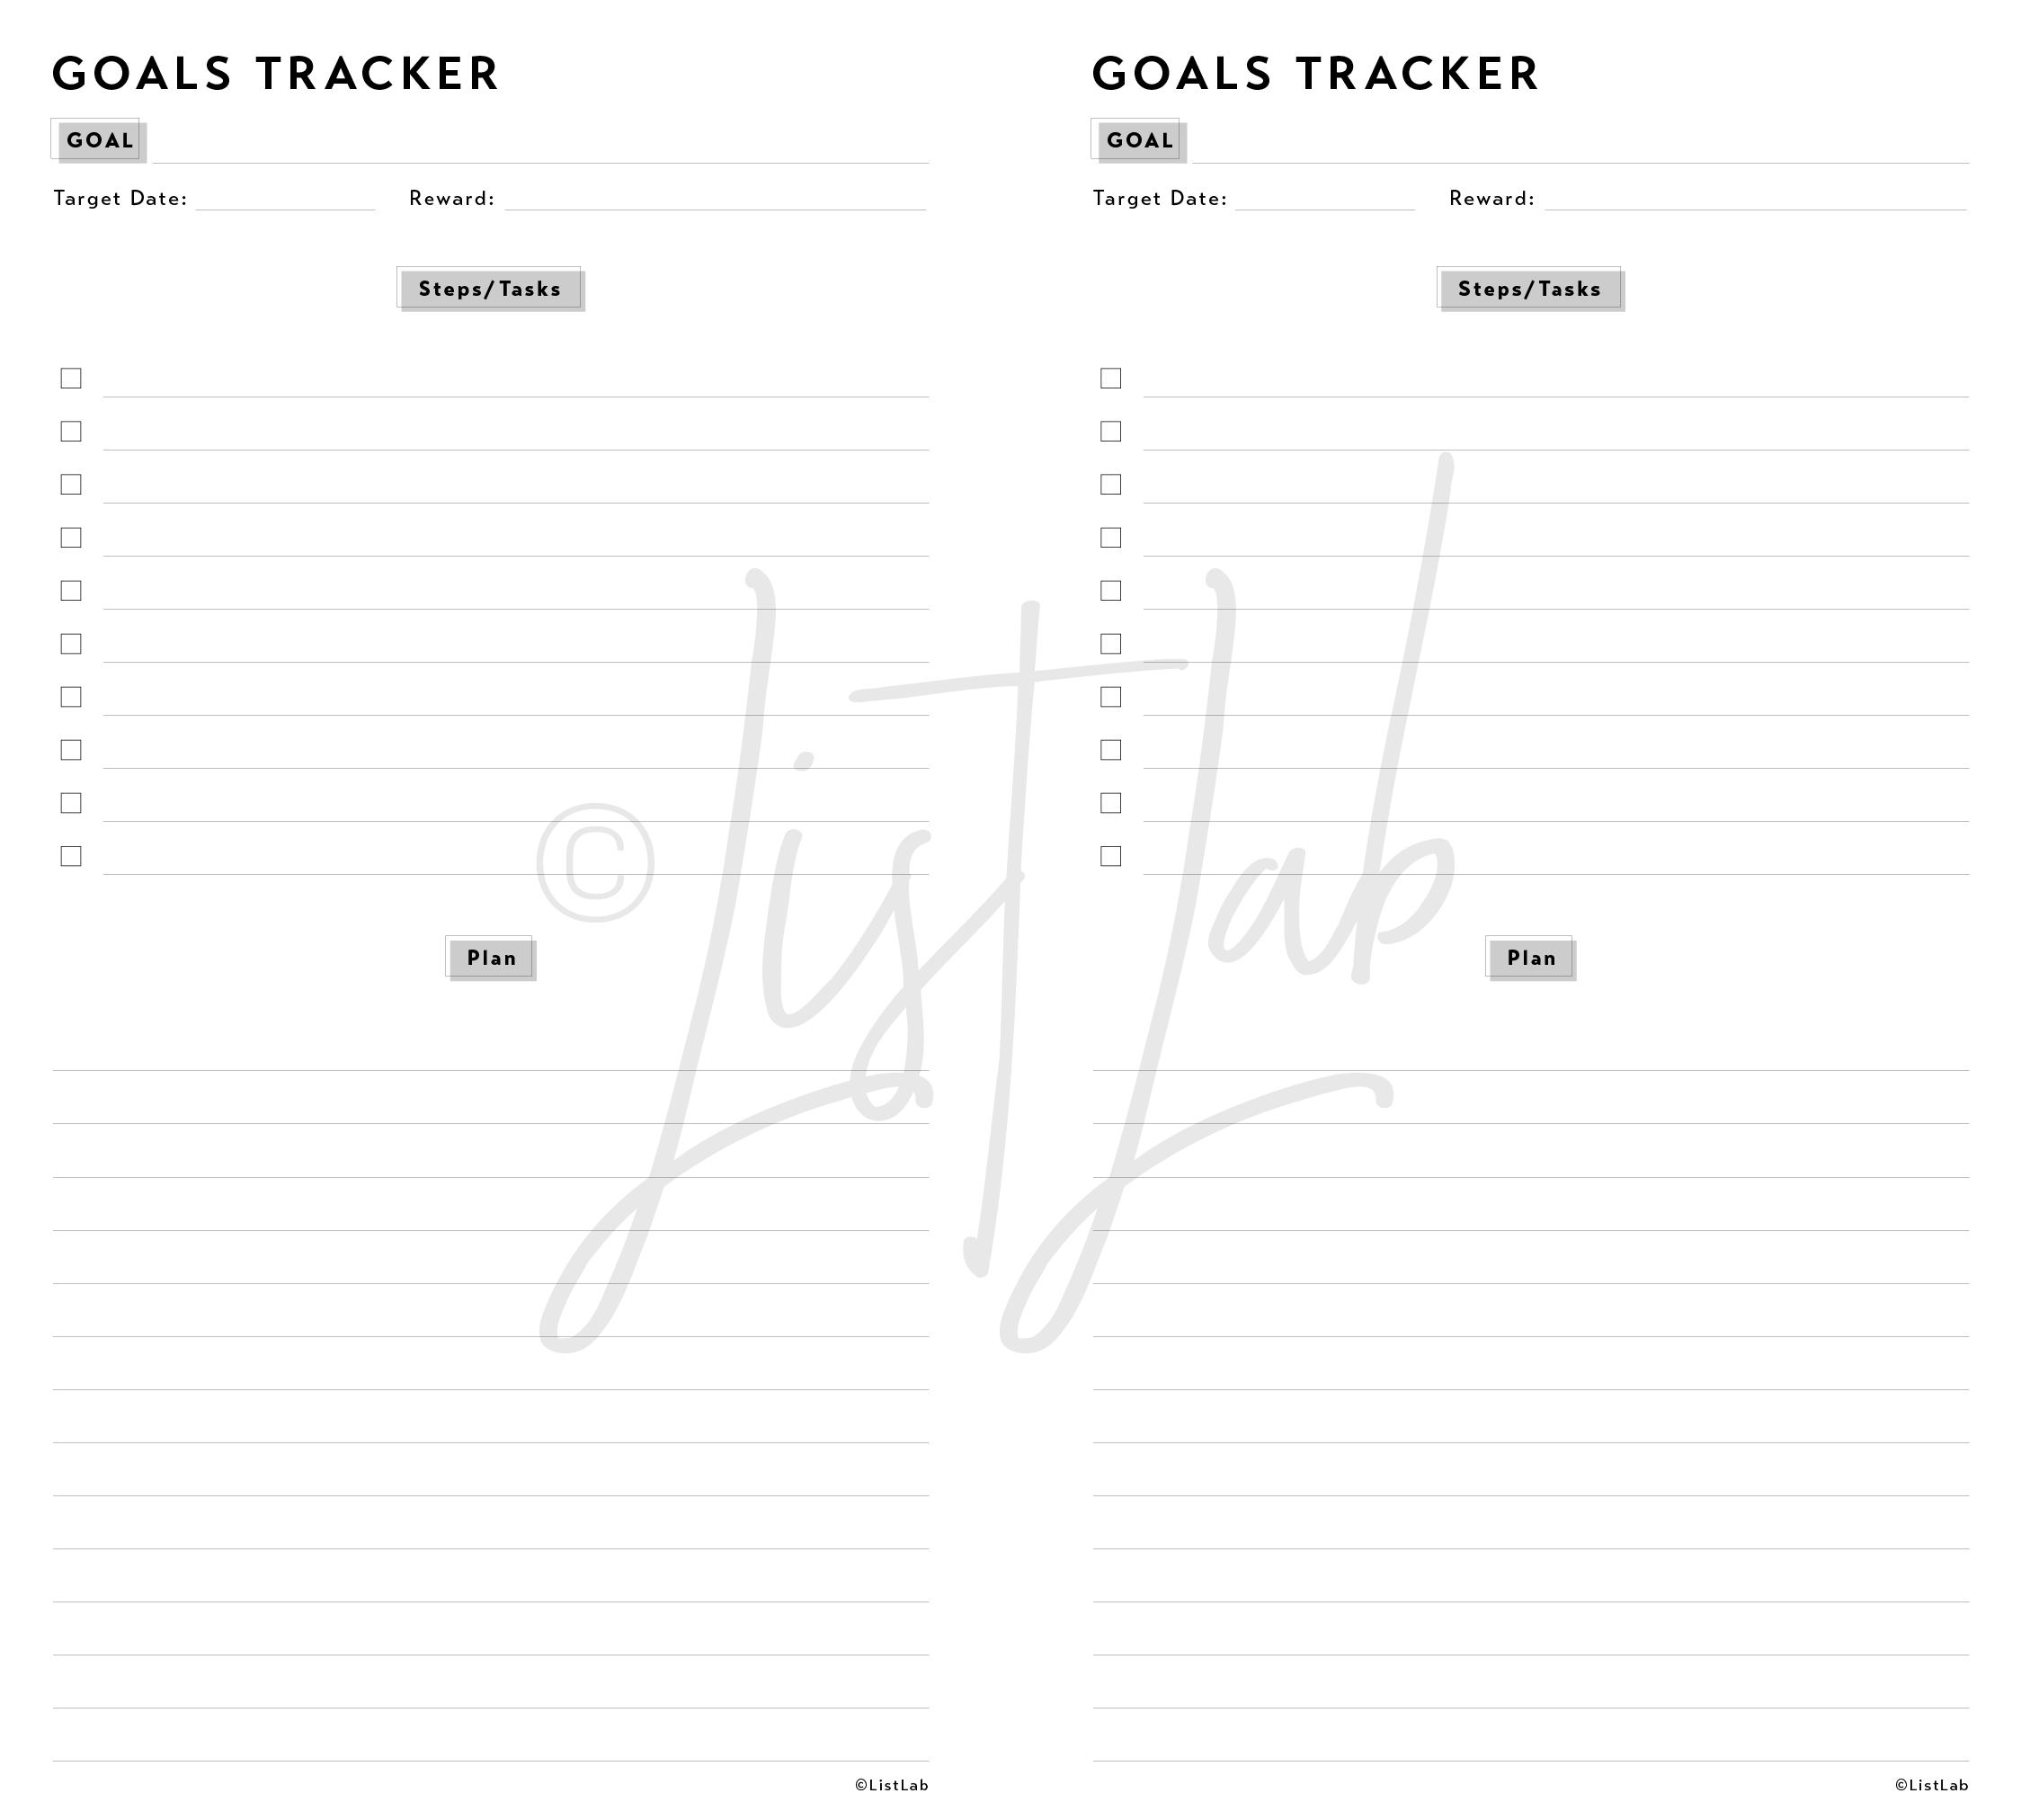 GOALS TRACKER